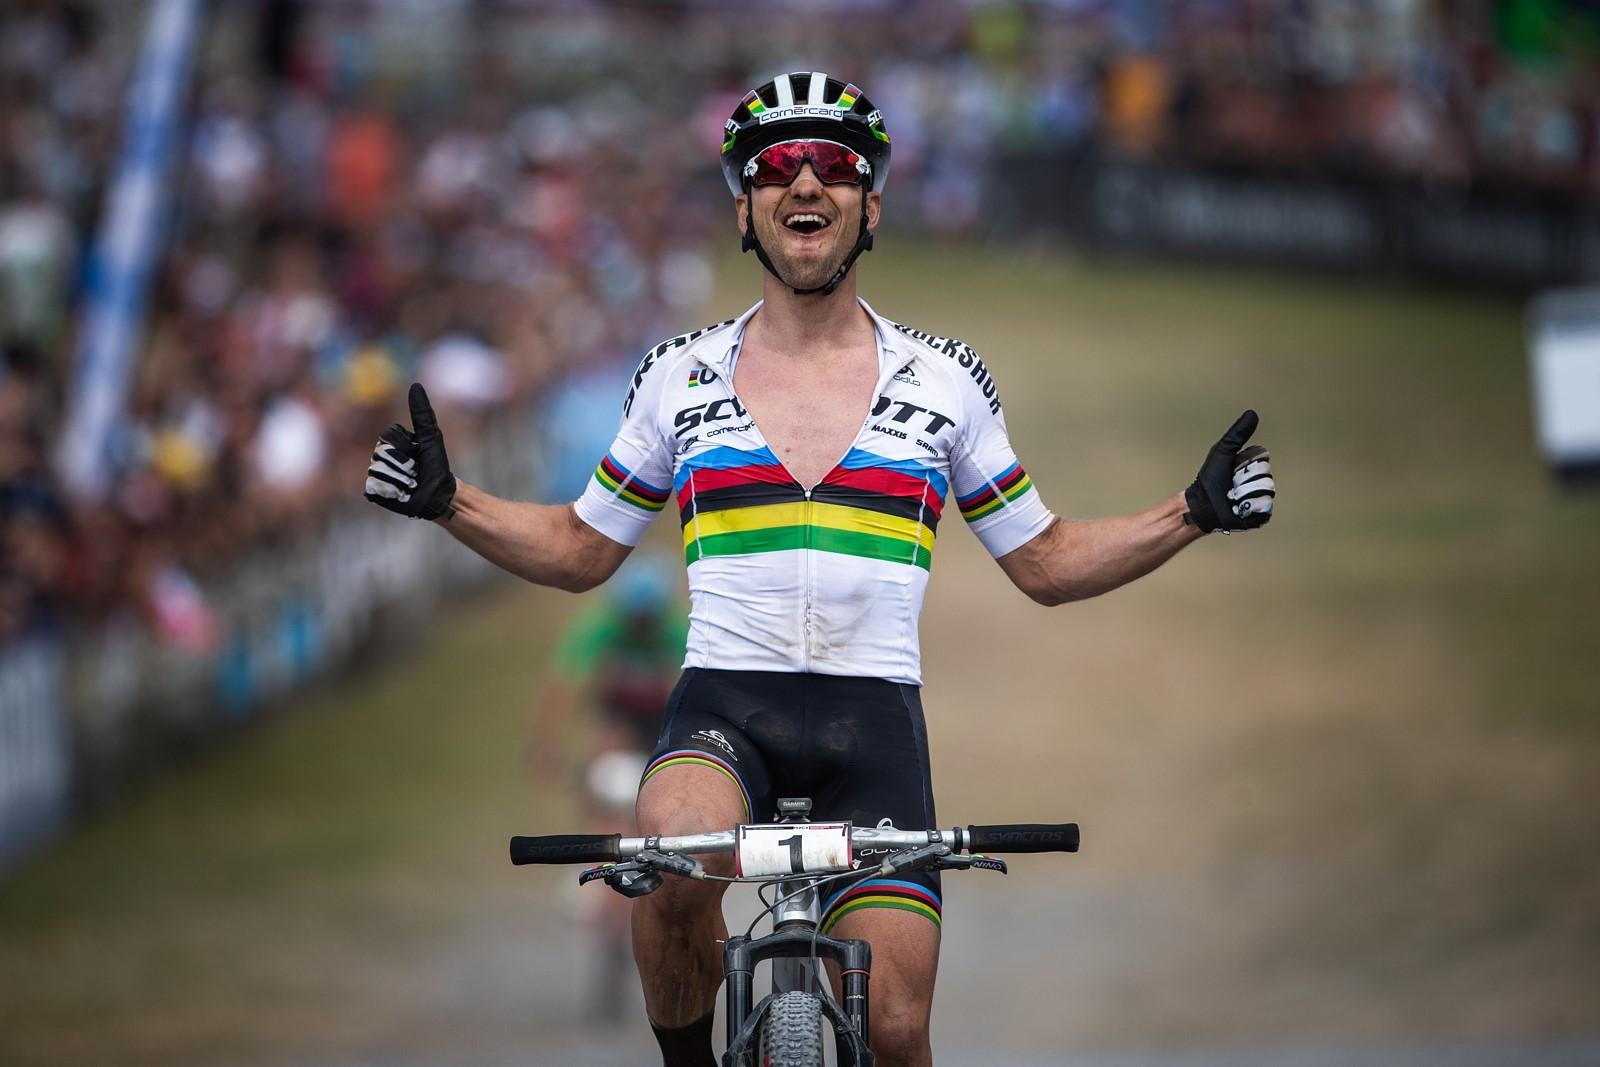 Radost švýcarského bikera Nina Schurtera po výhrách zůstává stejná. I proto nemá problém s motivací. Foto: Michal Červený